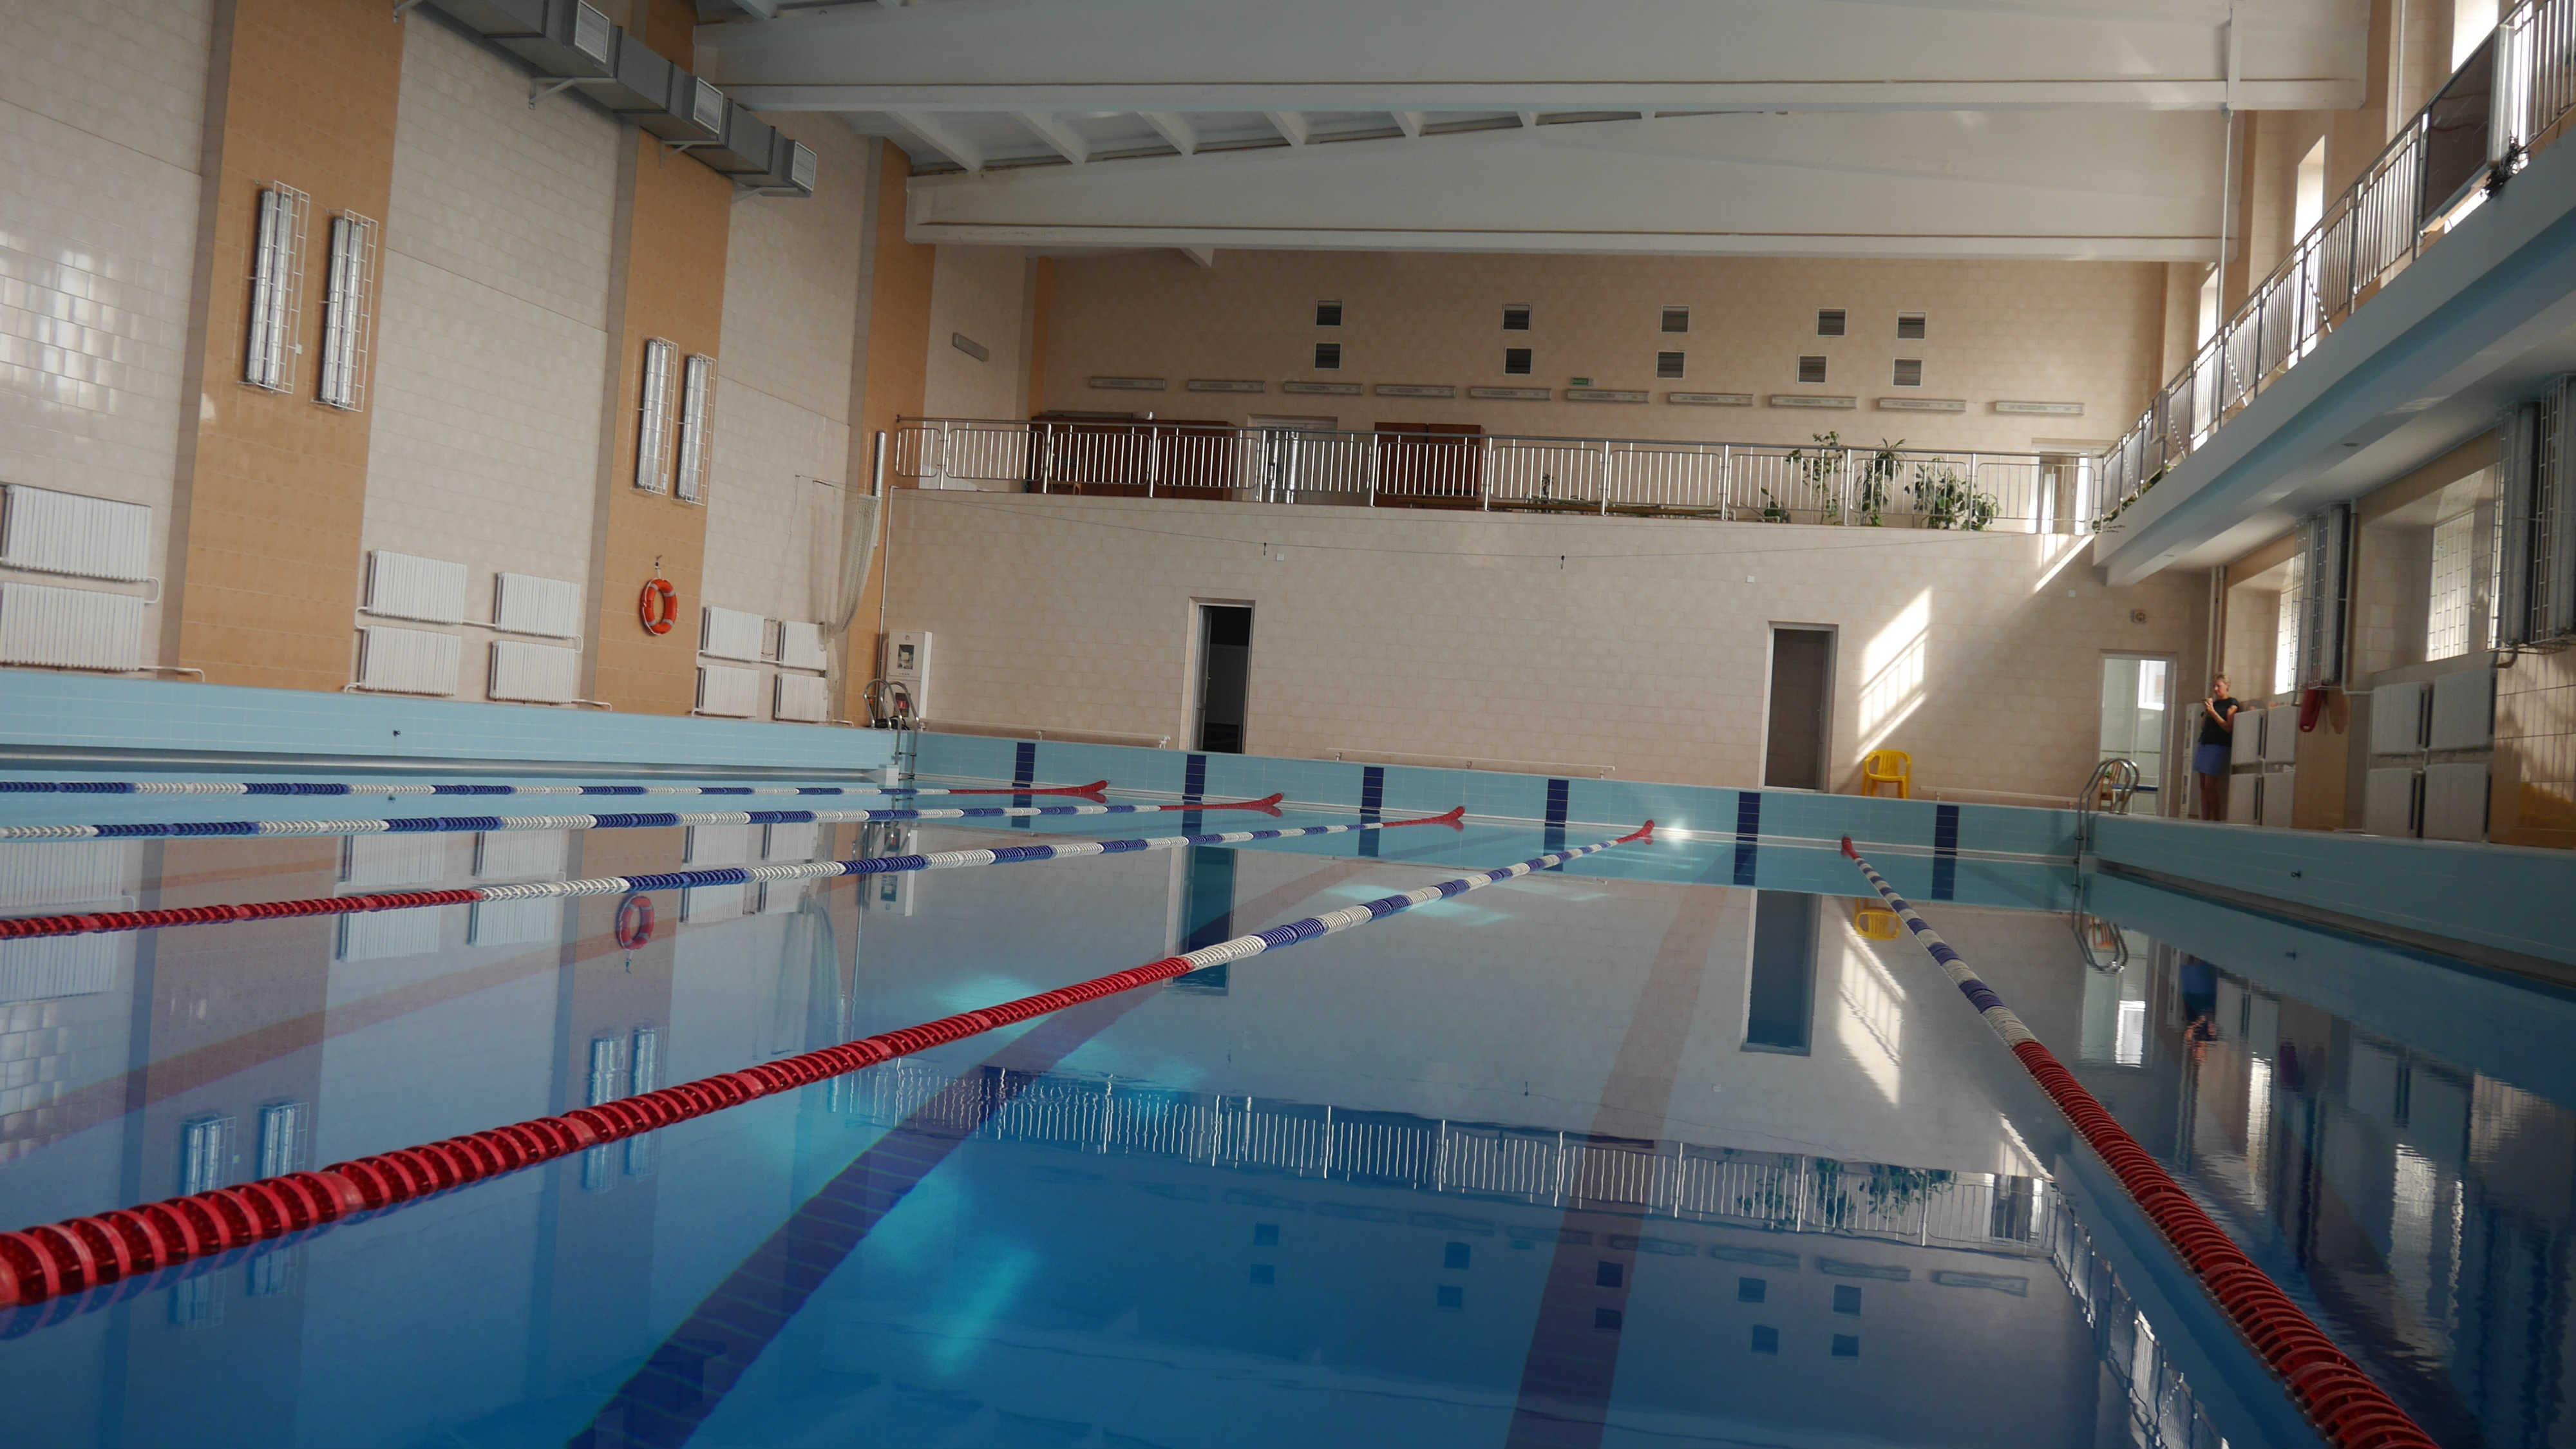 Бассейн на Филимонова, спортивное плавание, тренировки Минск